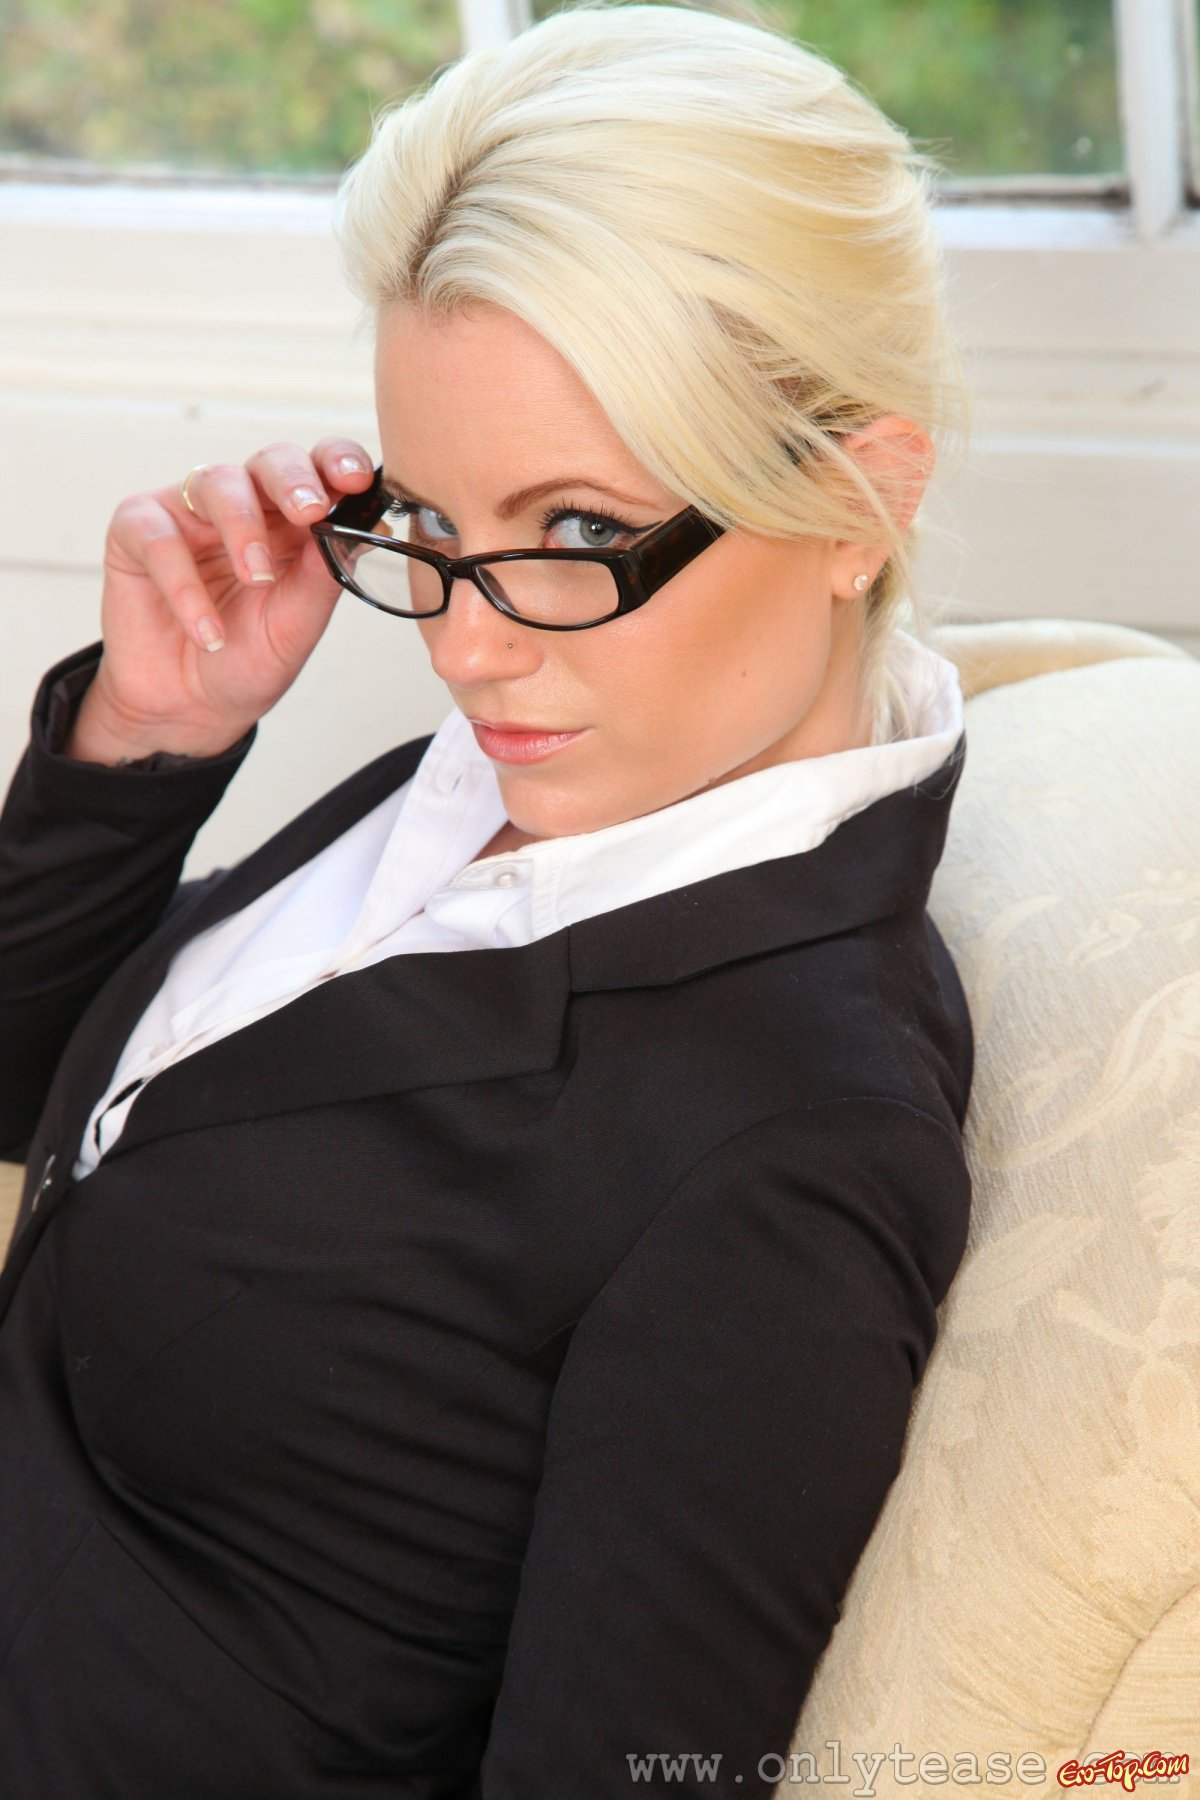 сексуальная блондинка в строгом костюме малышка